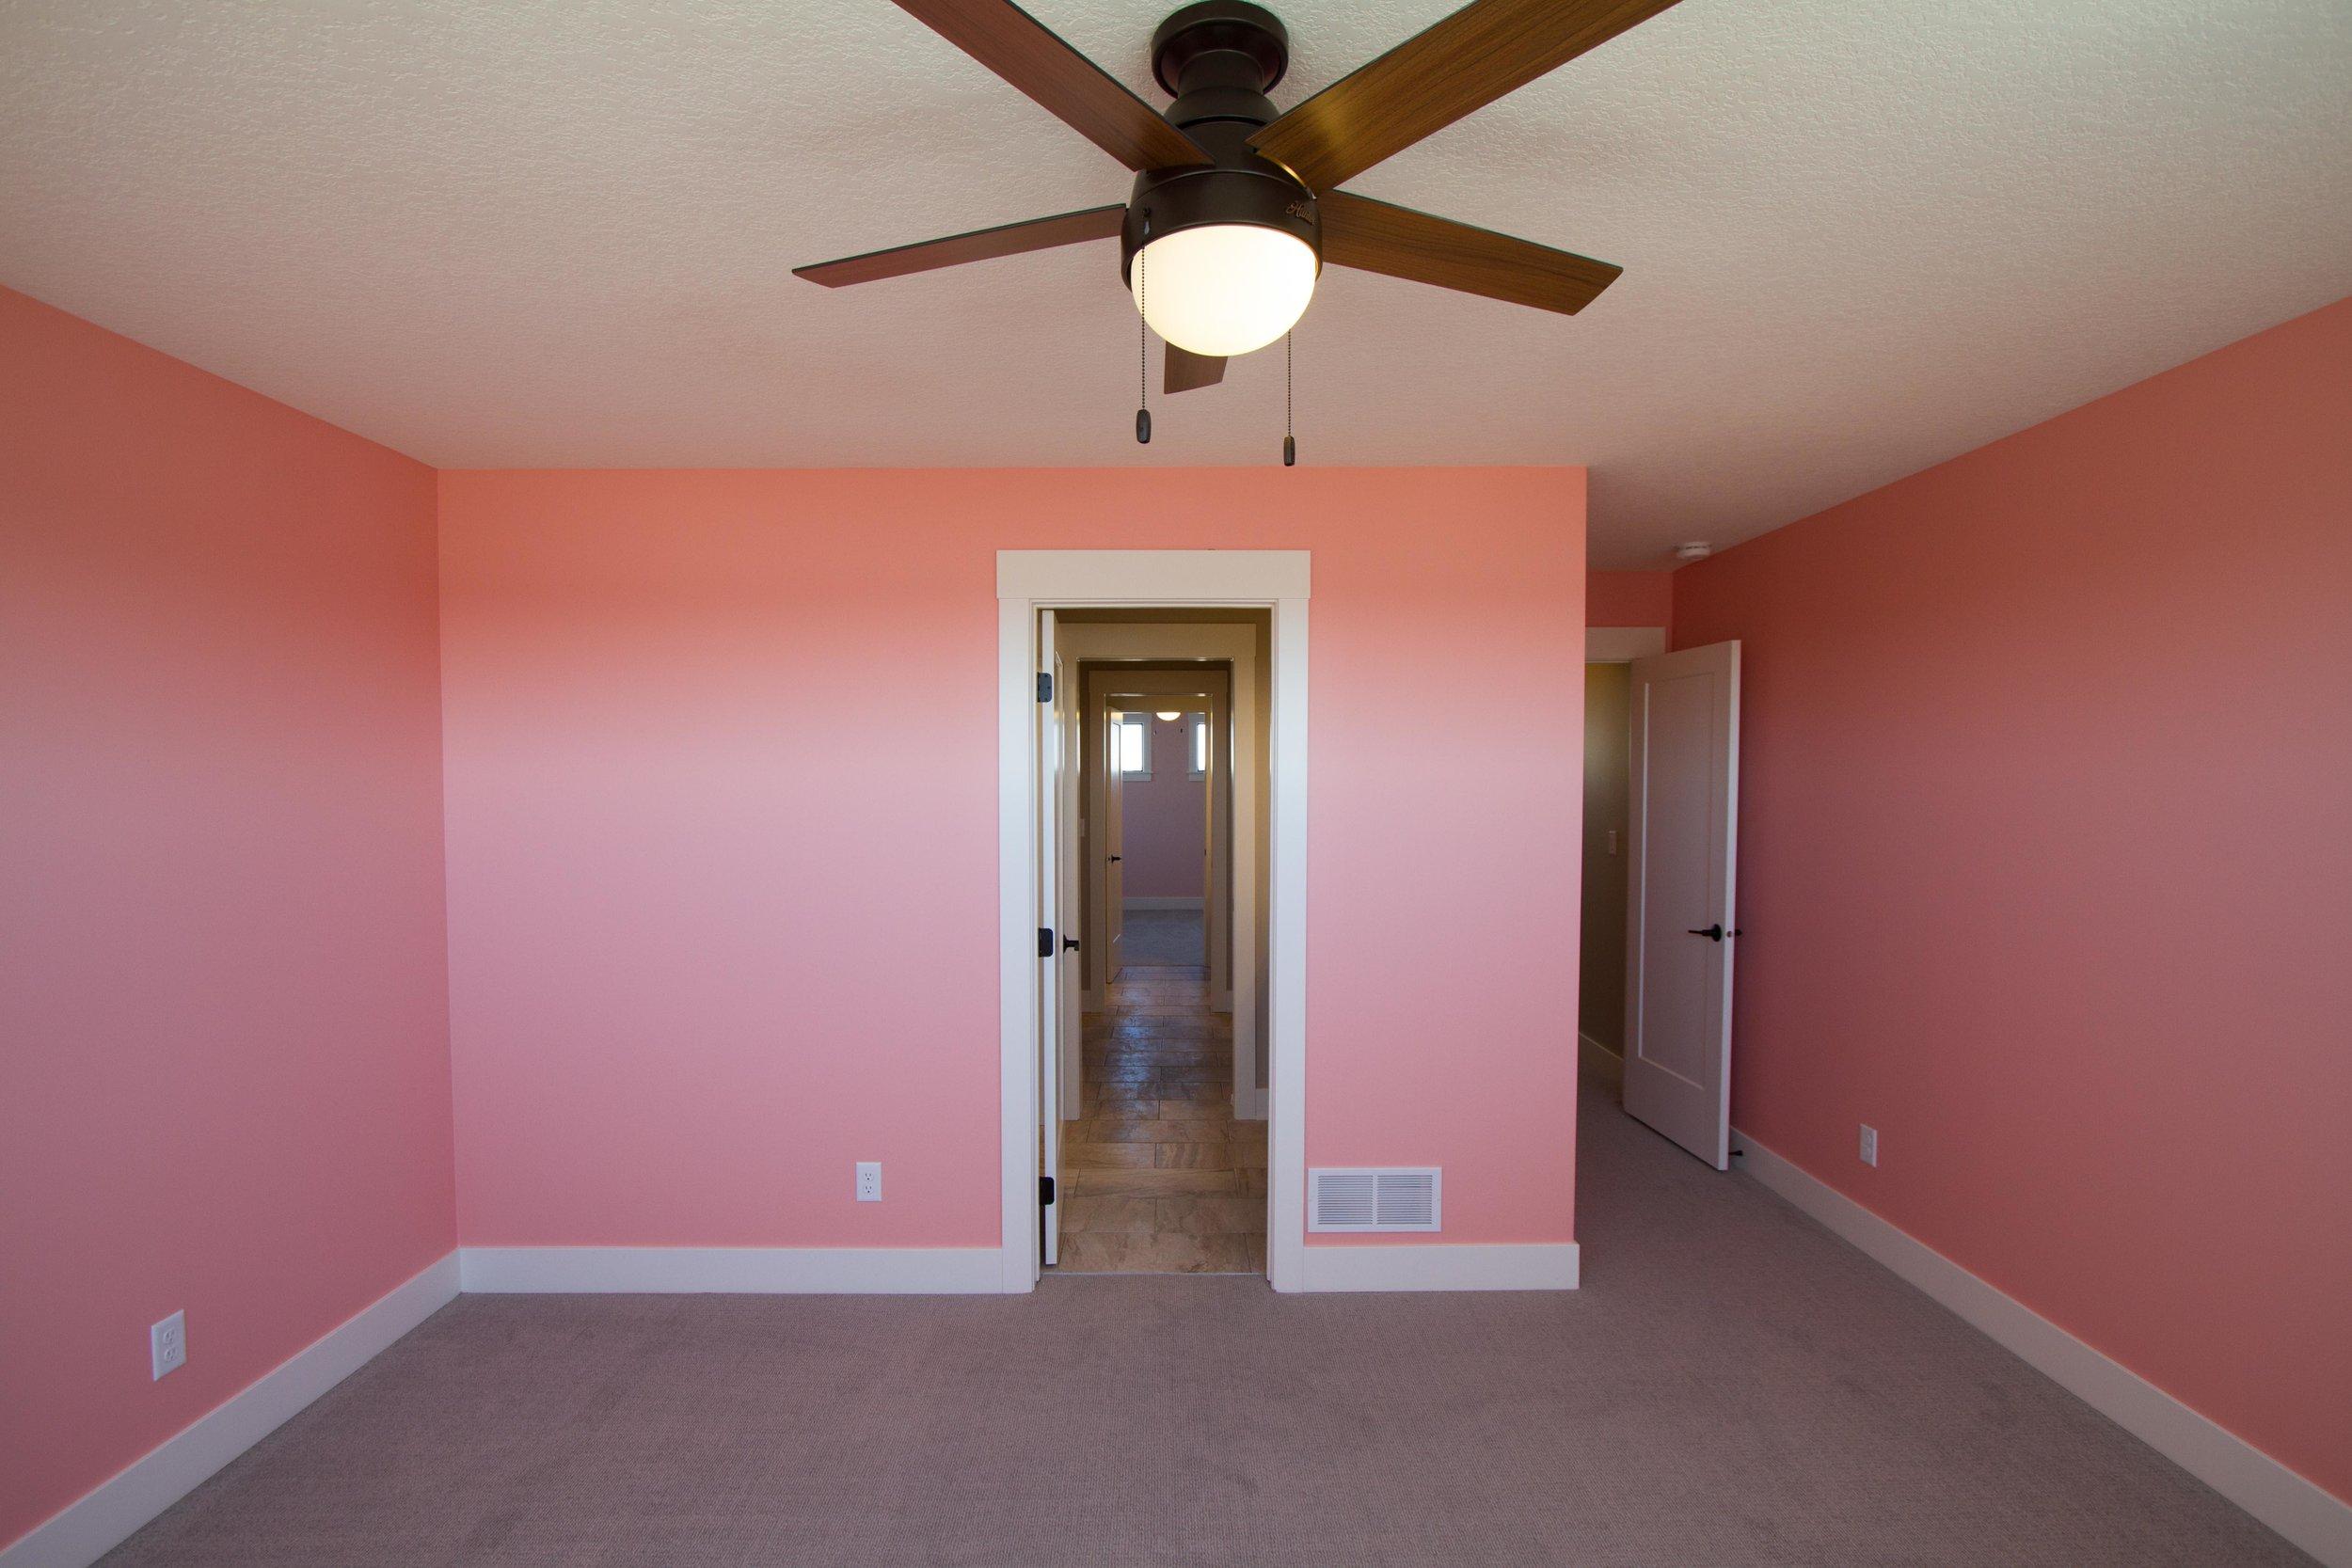 Next_Step_Homes-Bedroom_6.jpg